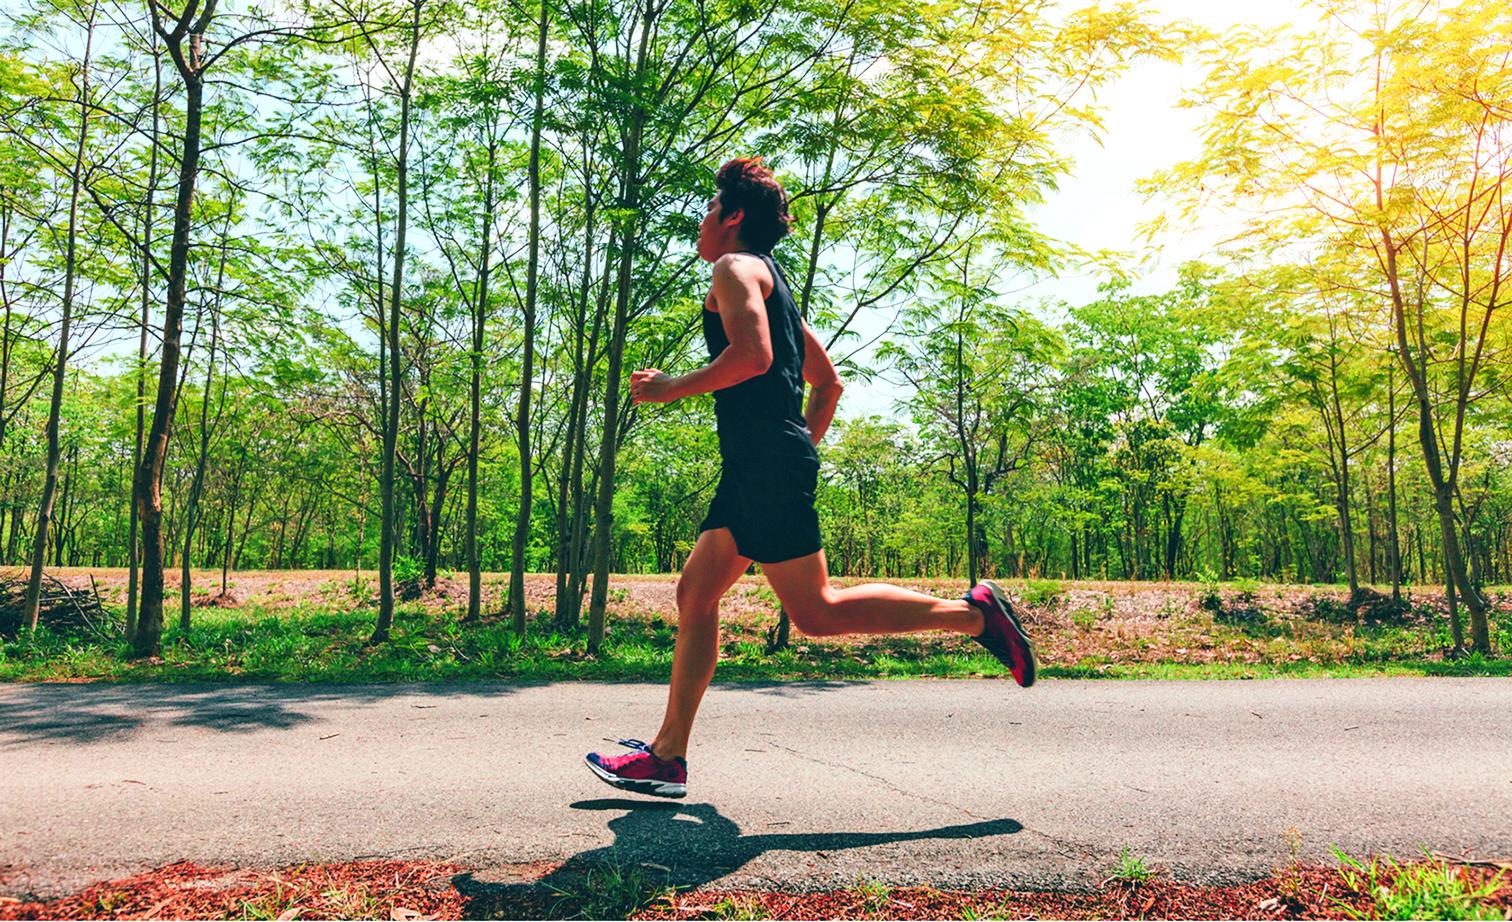 將跑步融入生活後,疲憊感會逐漸消失。